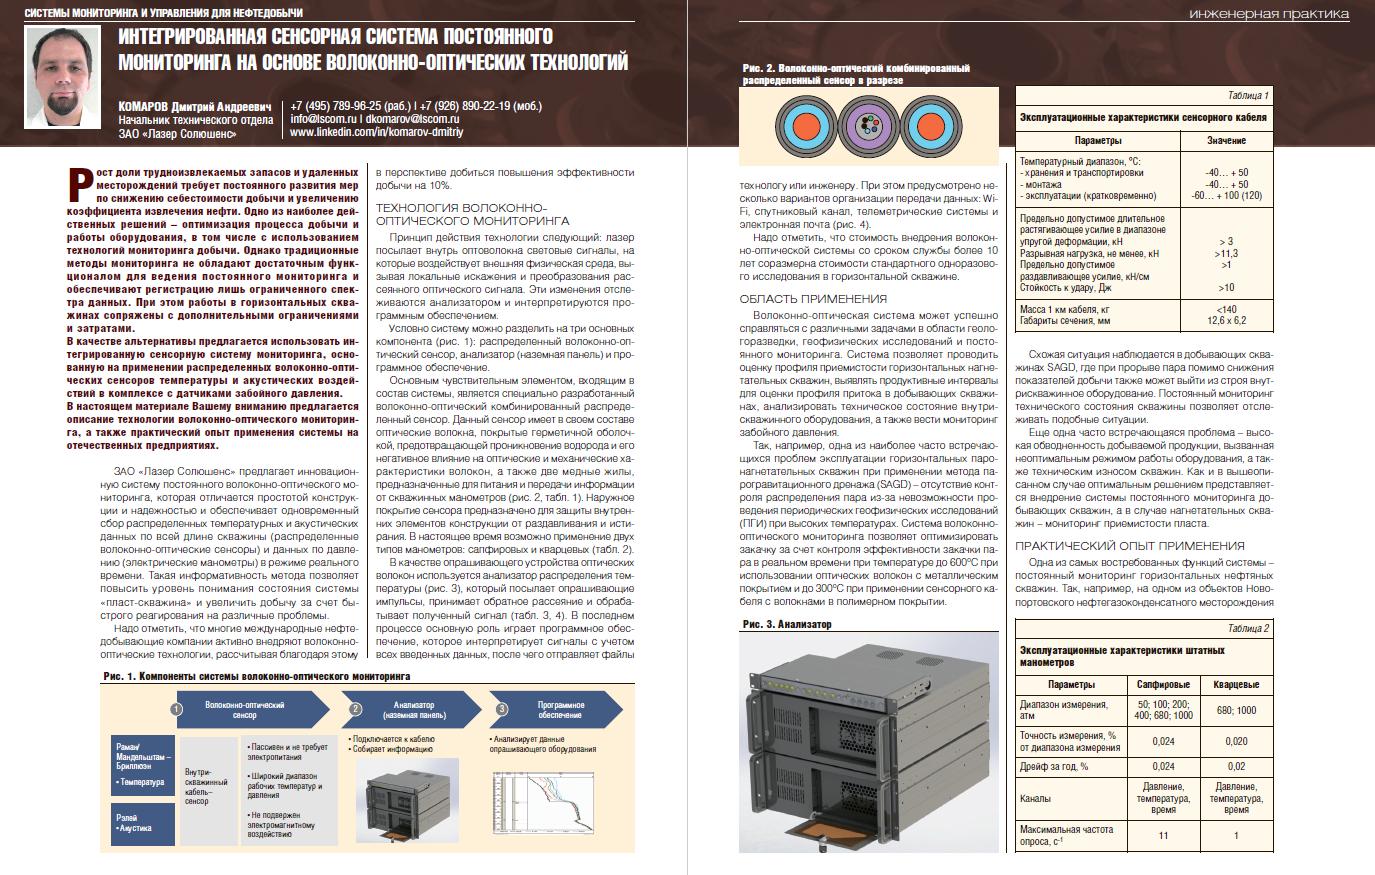 23079 Интегрированная сенсорная система постоянного мониторинга на основе волоконно-оптических технологий